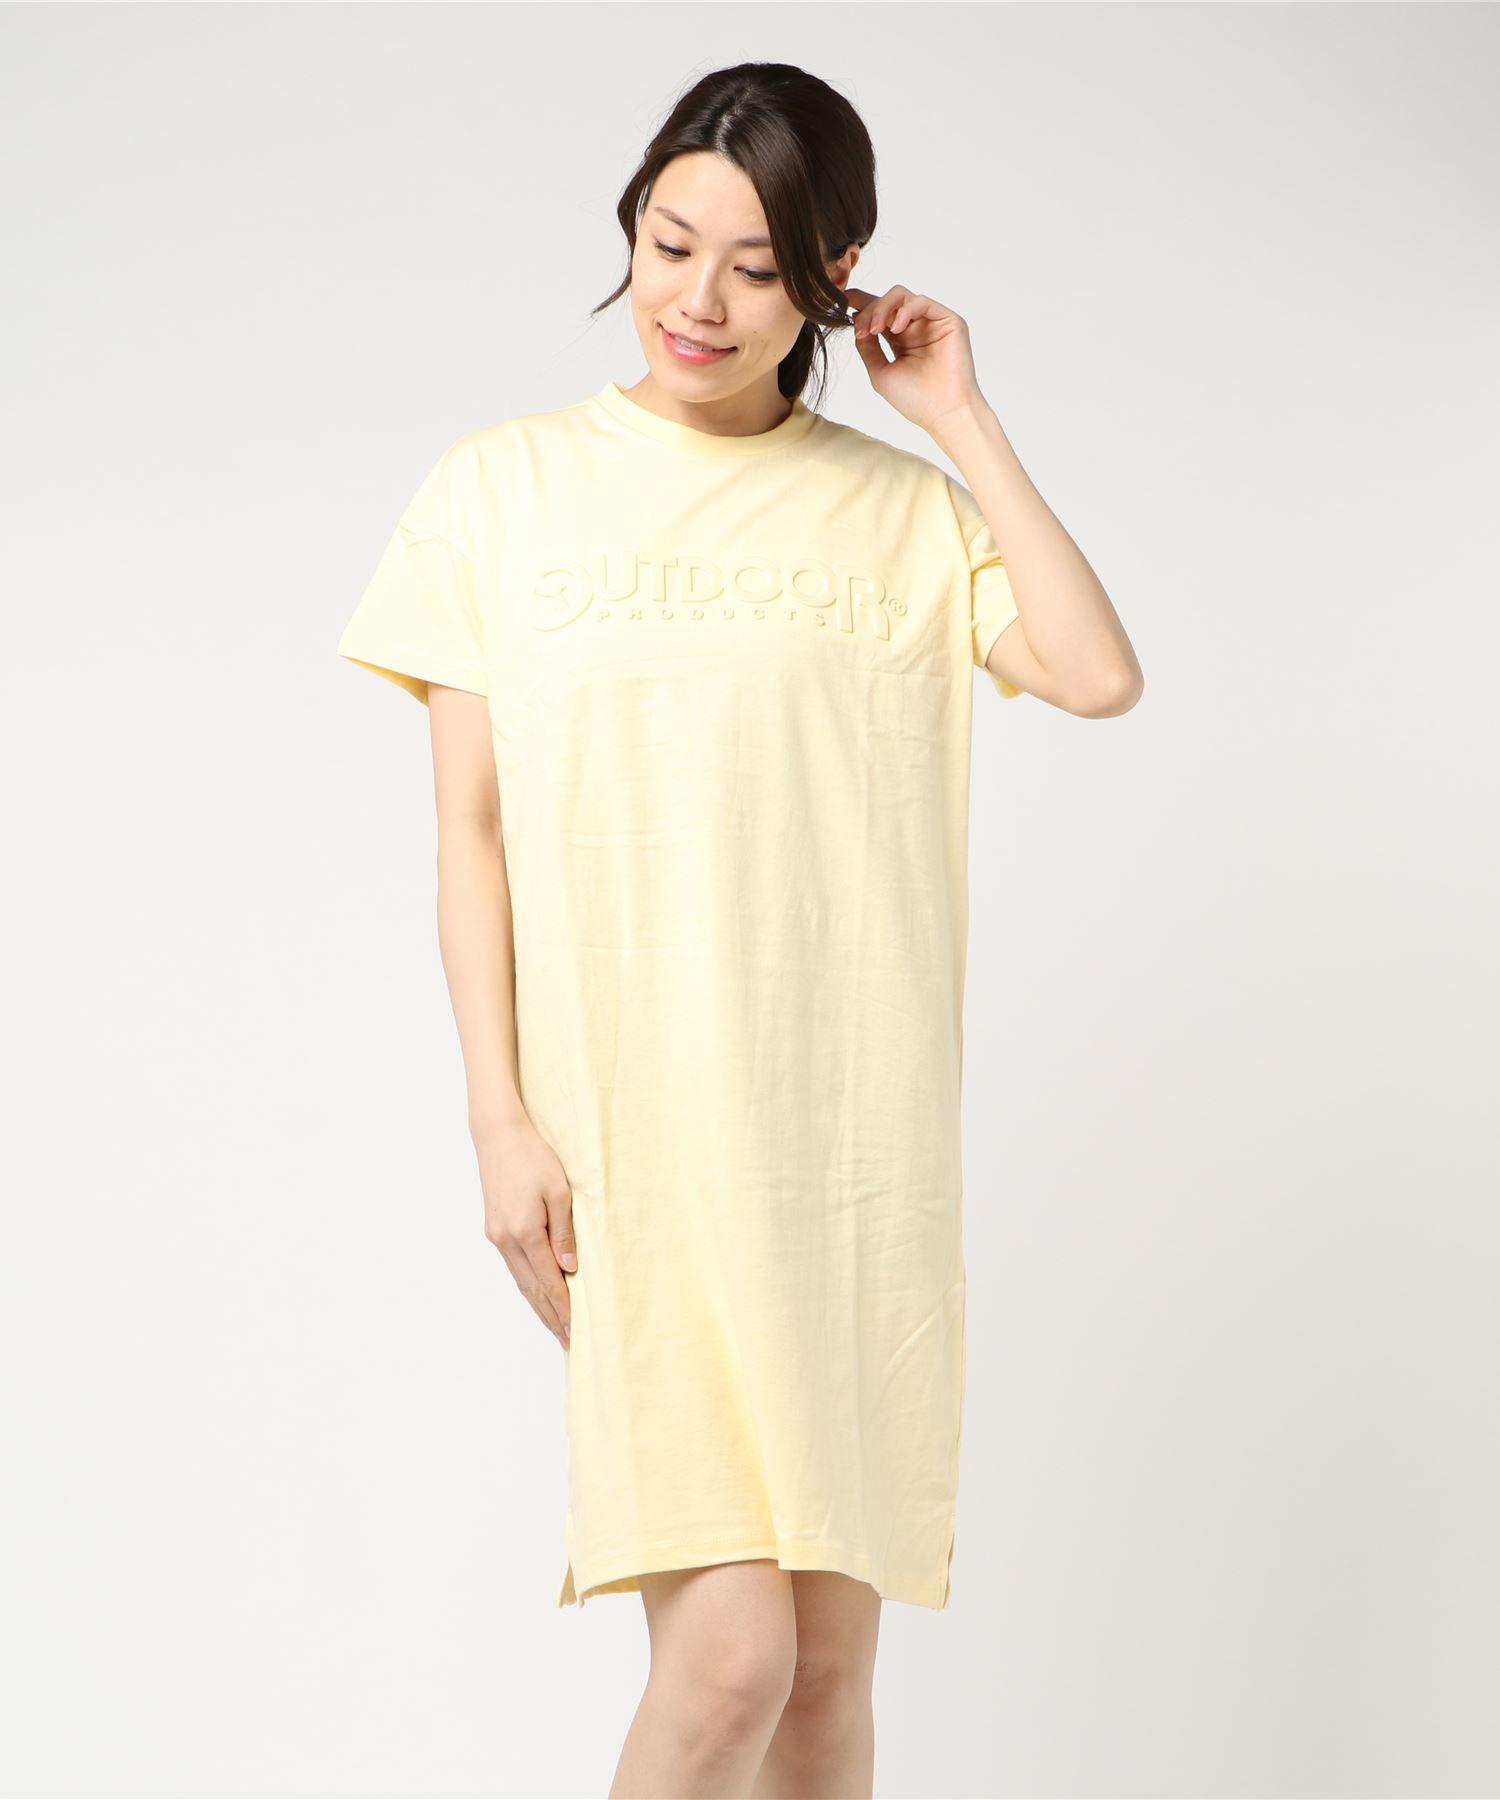 エンボスロゴTワンピース/Tシャツ ワンピース